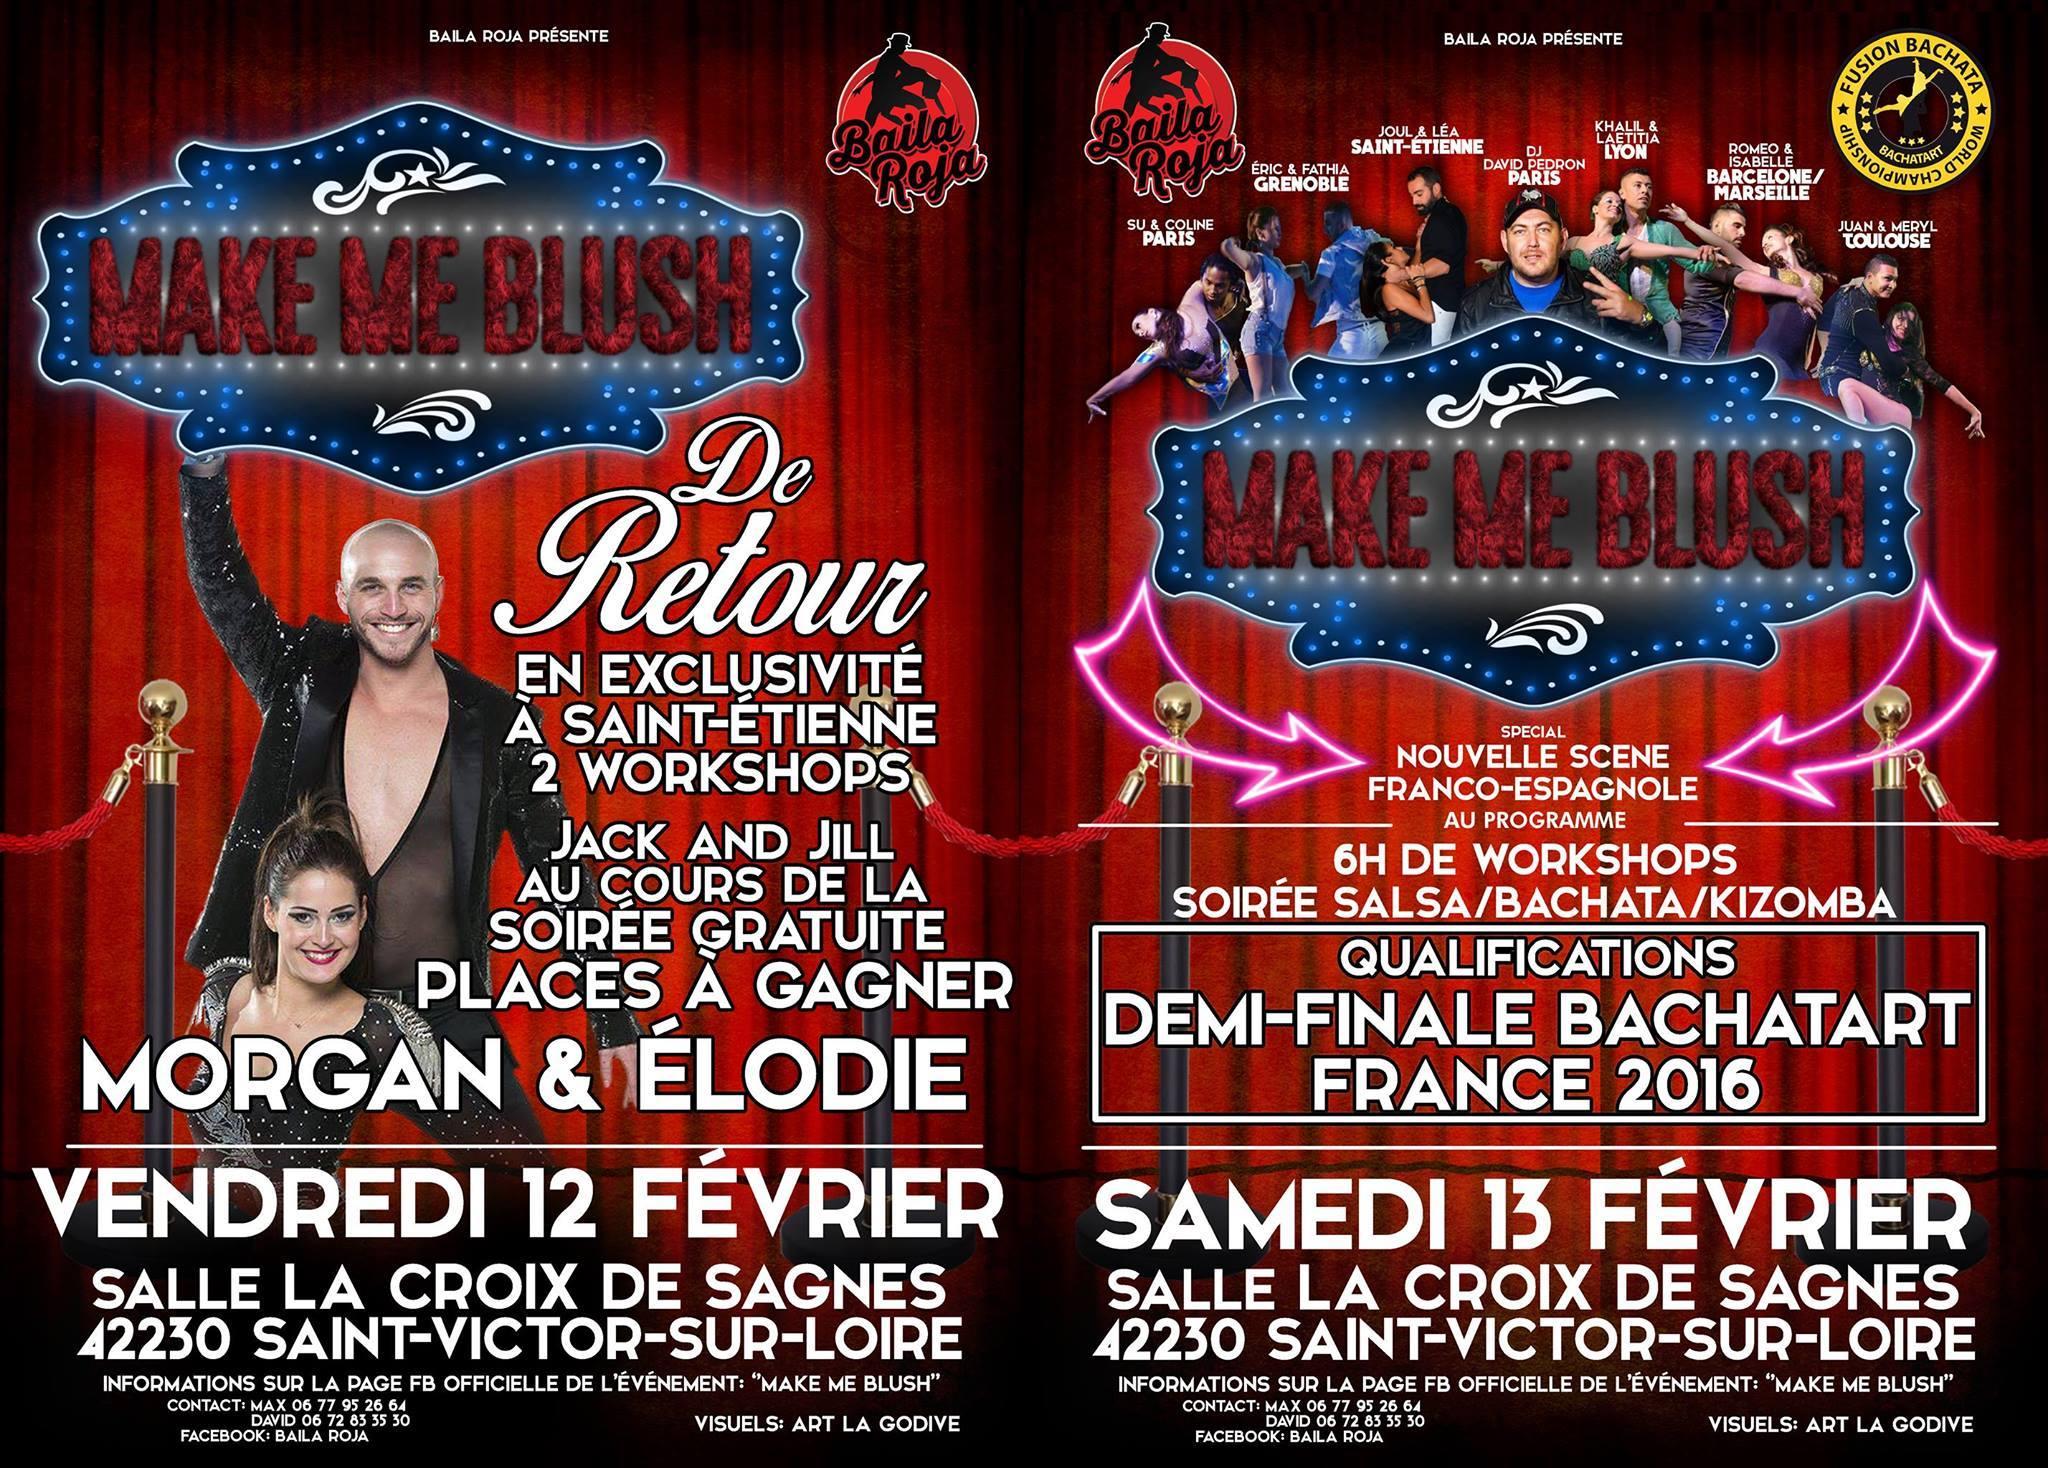 samedi 13 février à19h salle La Croix de Sagnes, 42230 Saint Victor sur Loire «Condamine» Quartier Annexe de Saint-Étienne